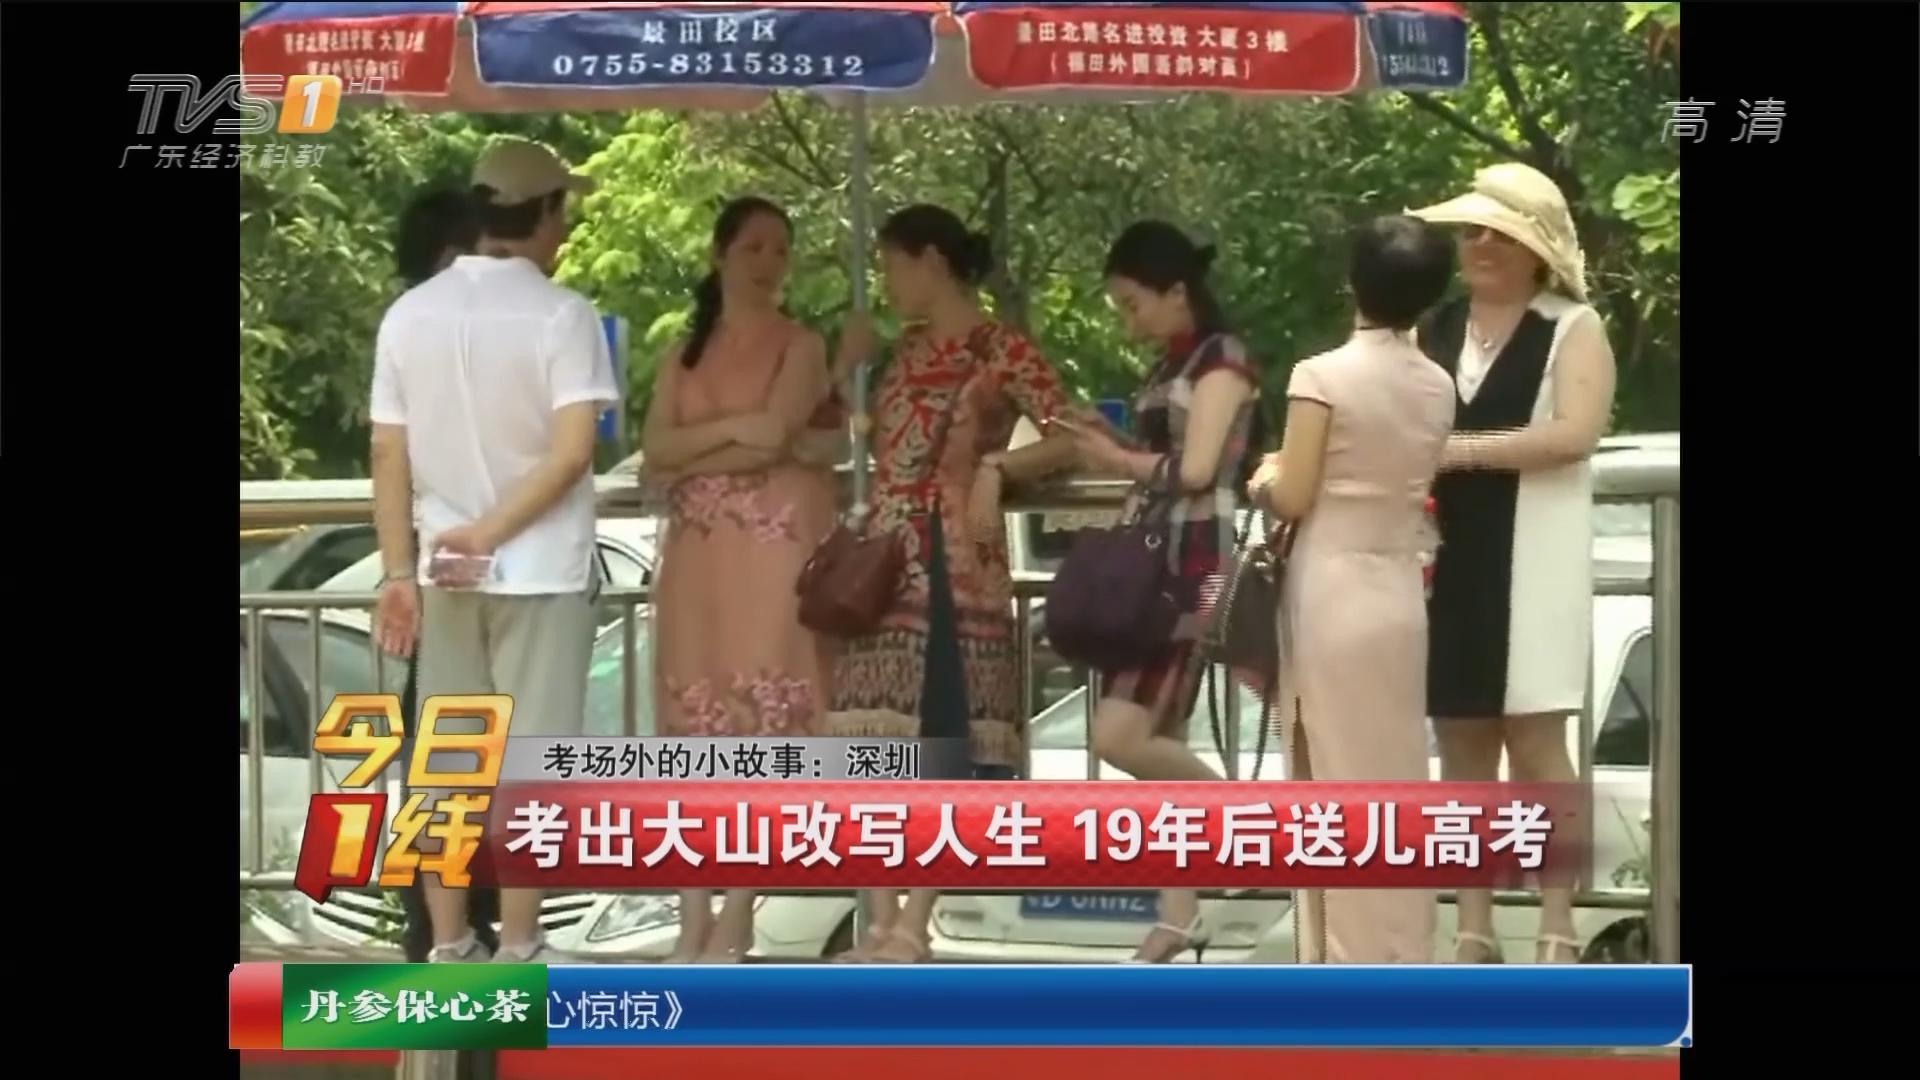 考场外的小故事:深圳 考出大山改写人生 19年后送儿高考